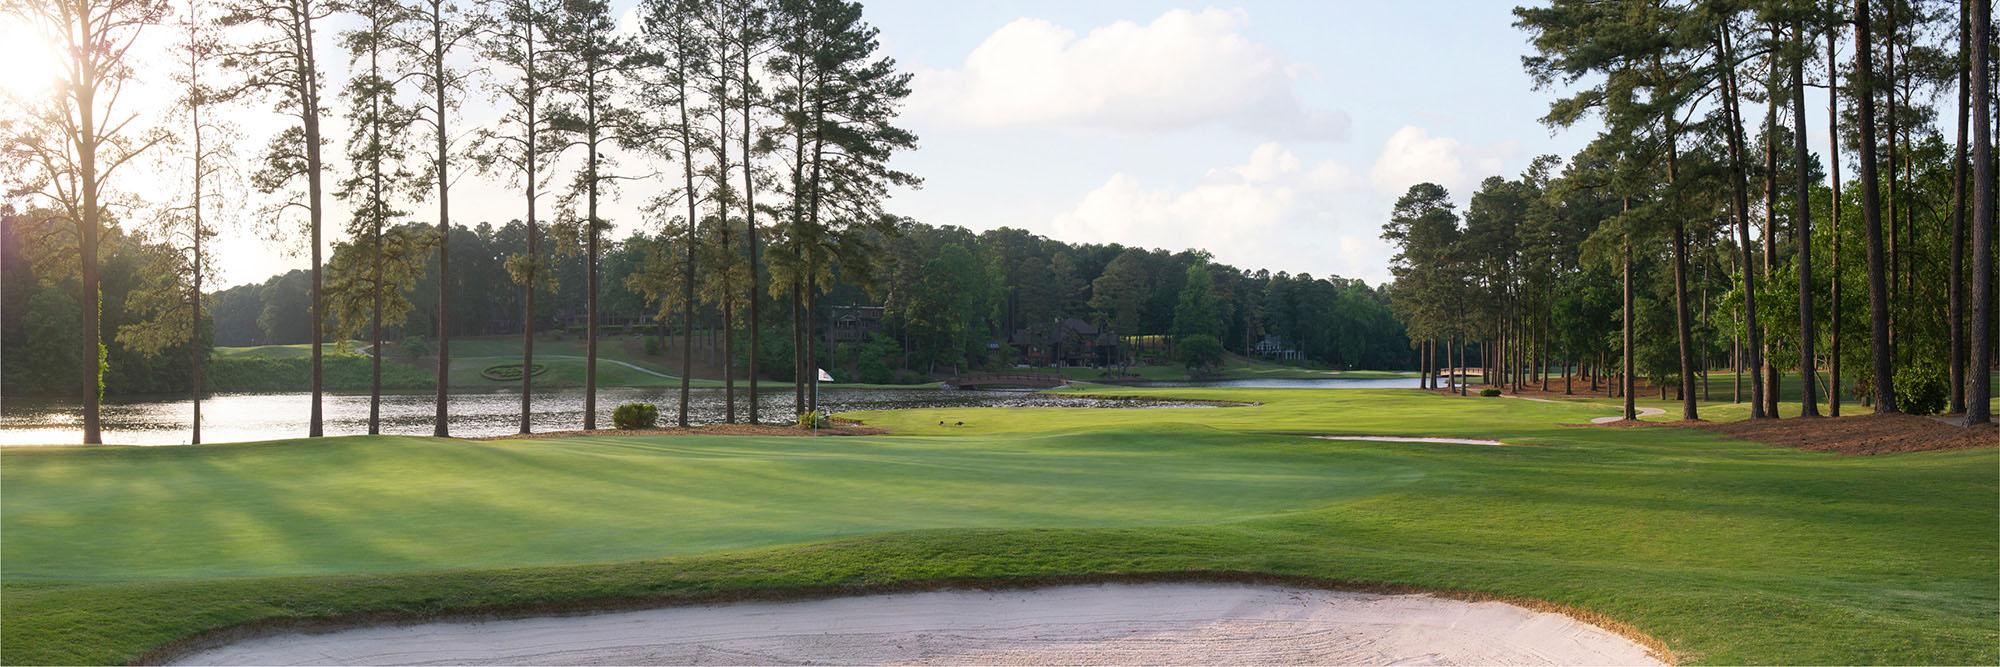 Golf Course Image - MacGregor Downs No. 18